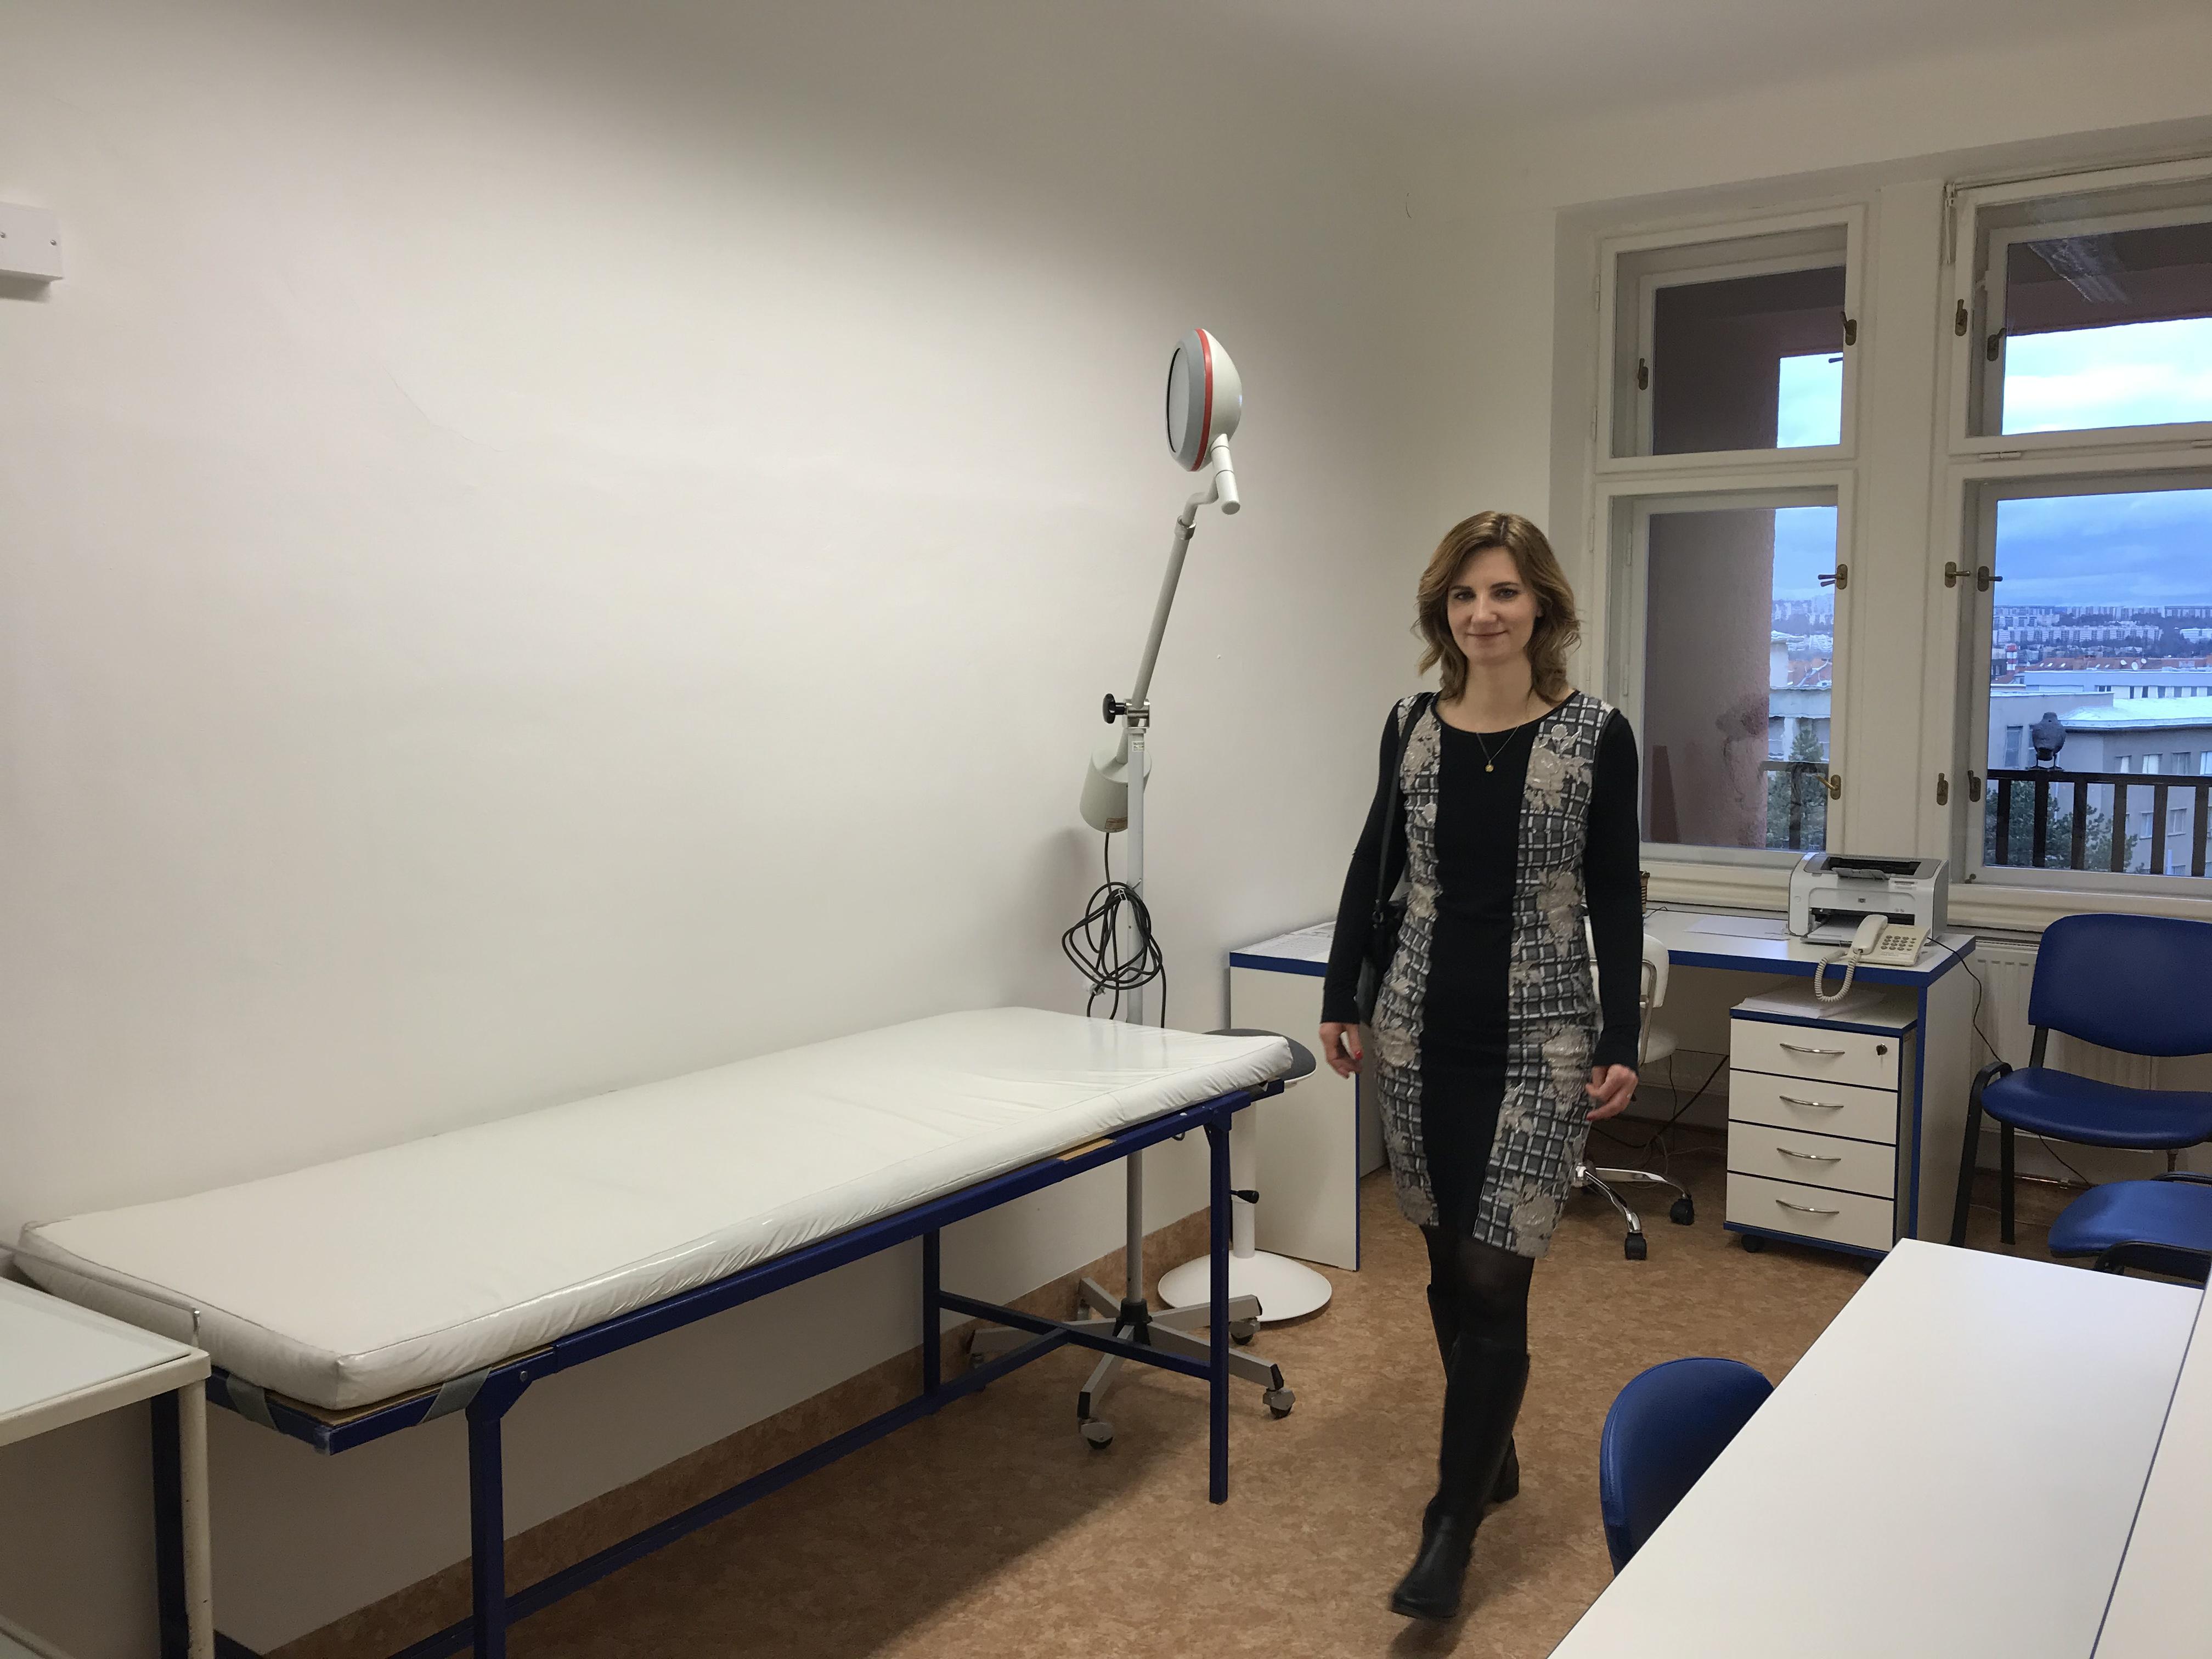 Primátorka města Brno Markéta Vaňková si prohlíží ambulanci paliativní péče na Poliklinice Zahradníkova